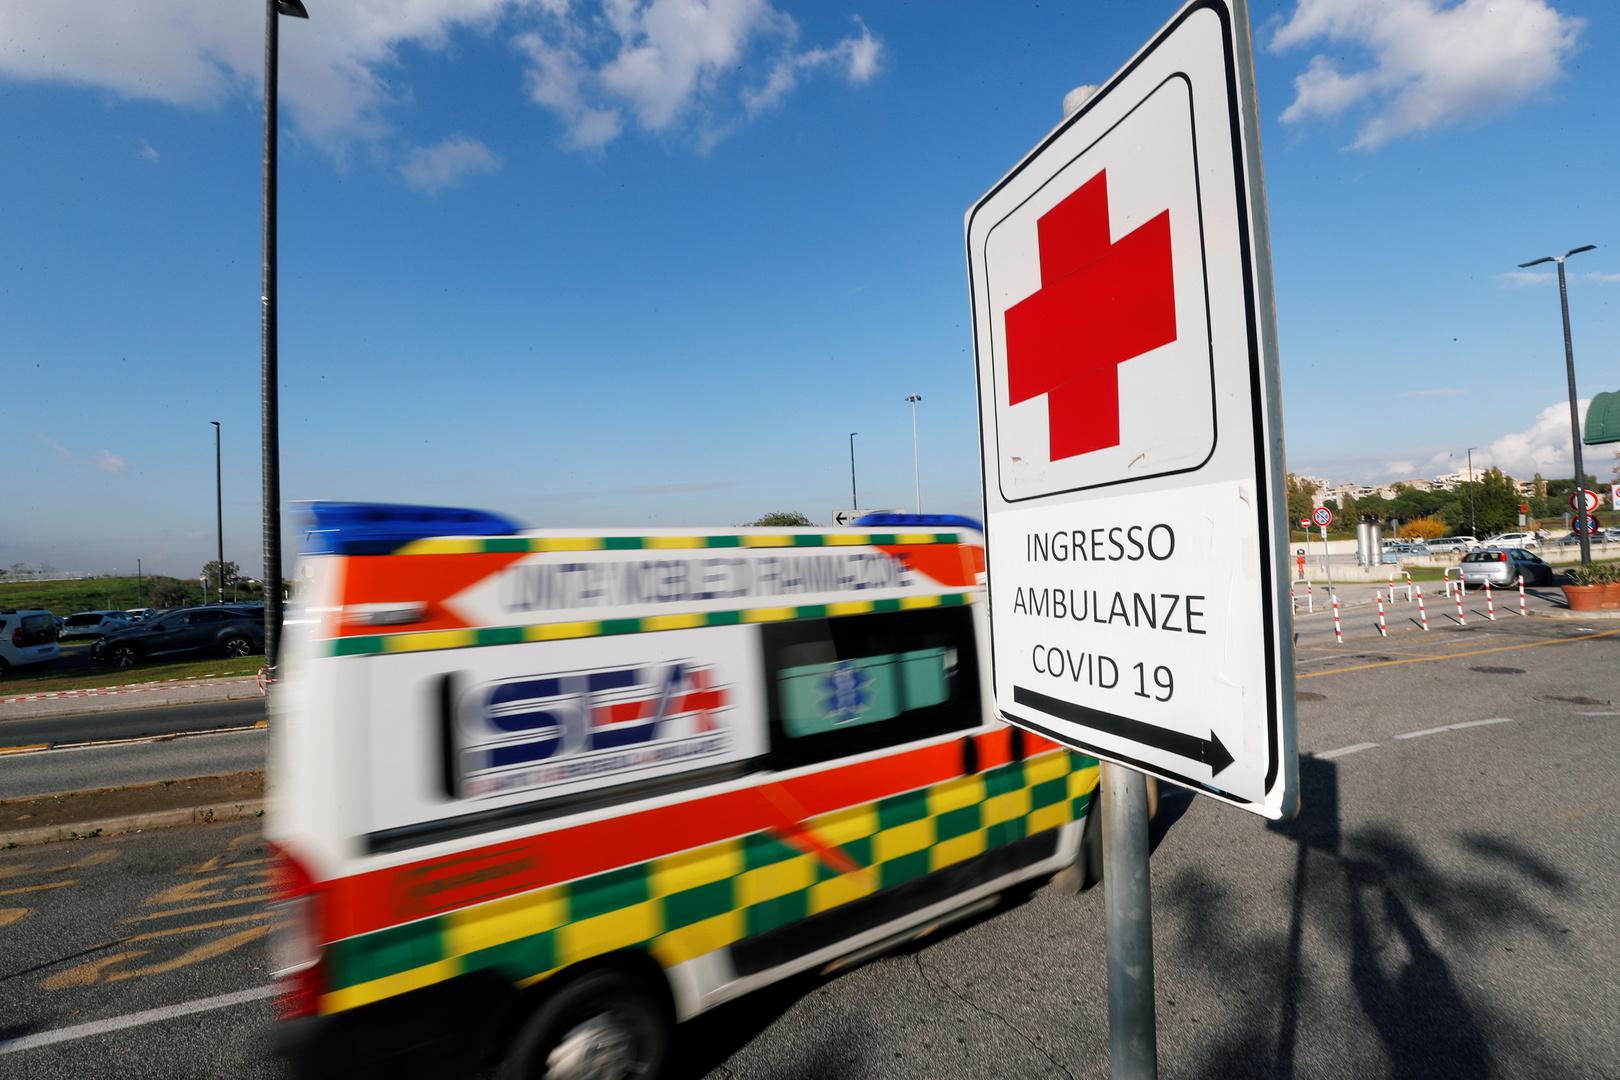 إيطاليا.. 22 وفاة وأكثر من 900 إصابة جديدة بكورونا